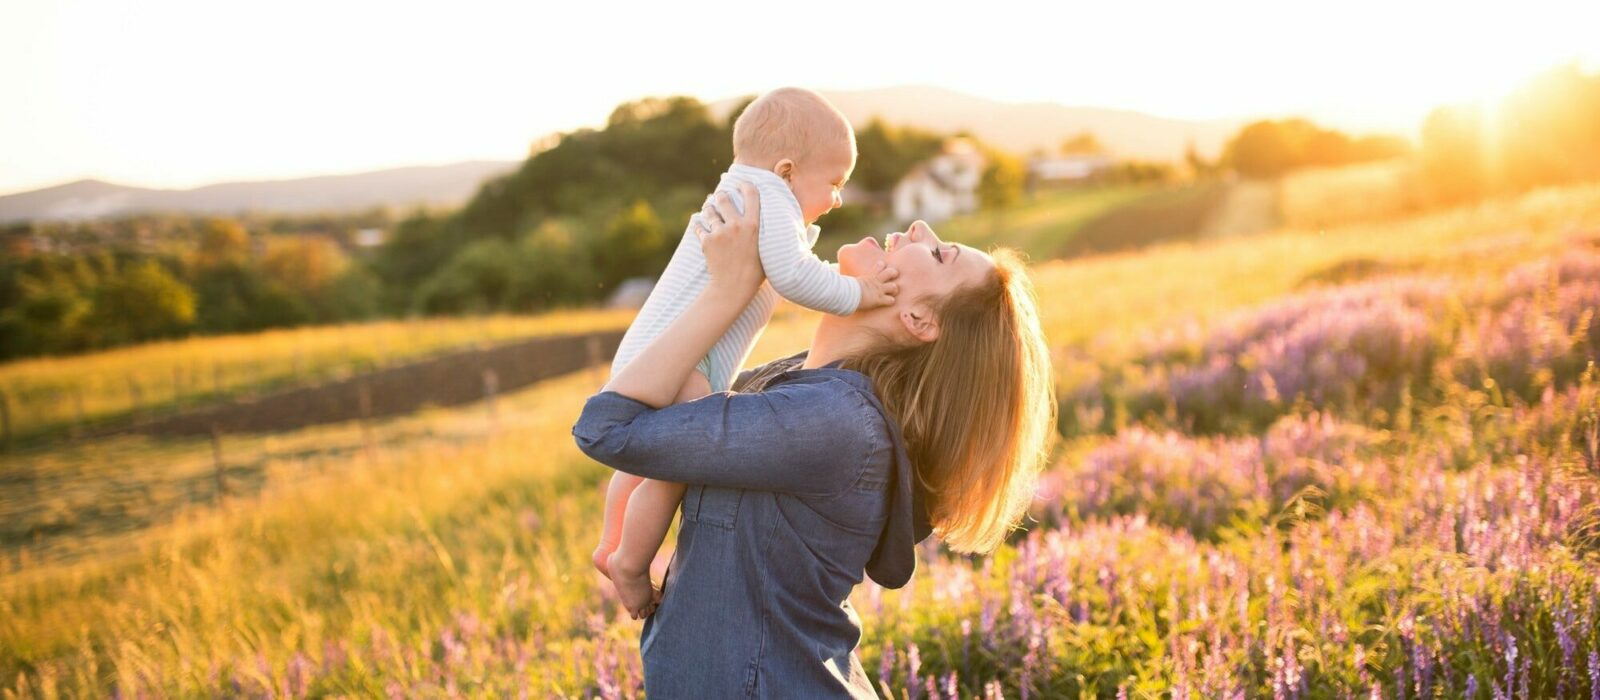 Symbolbild Weleda Naturkosmetik zeigt eine Frau auf einem Feld mit ihrem Sohn im Arm